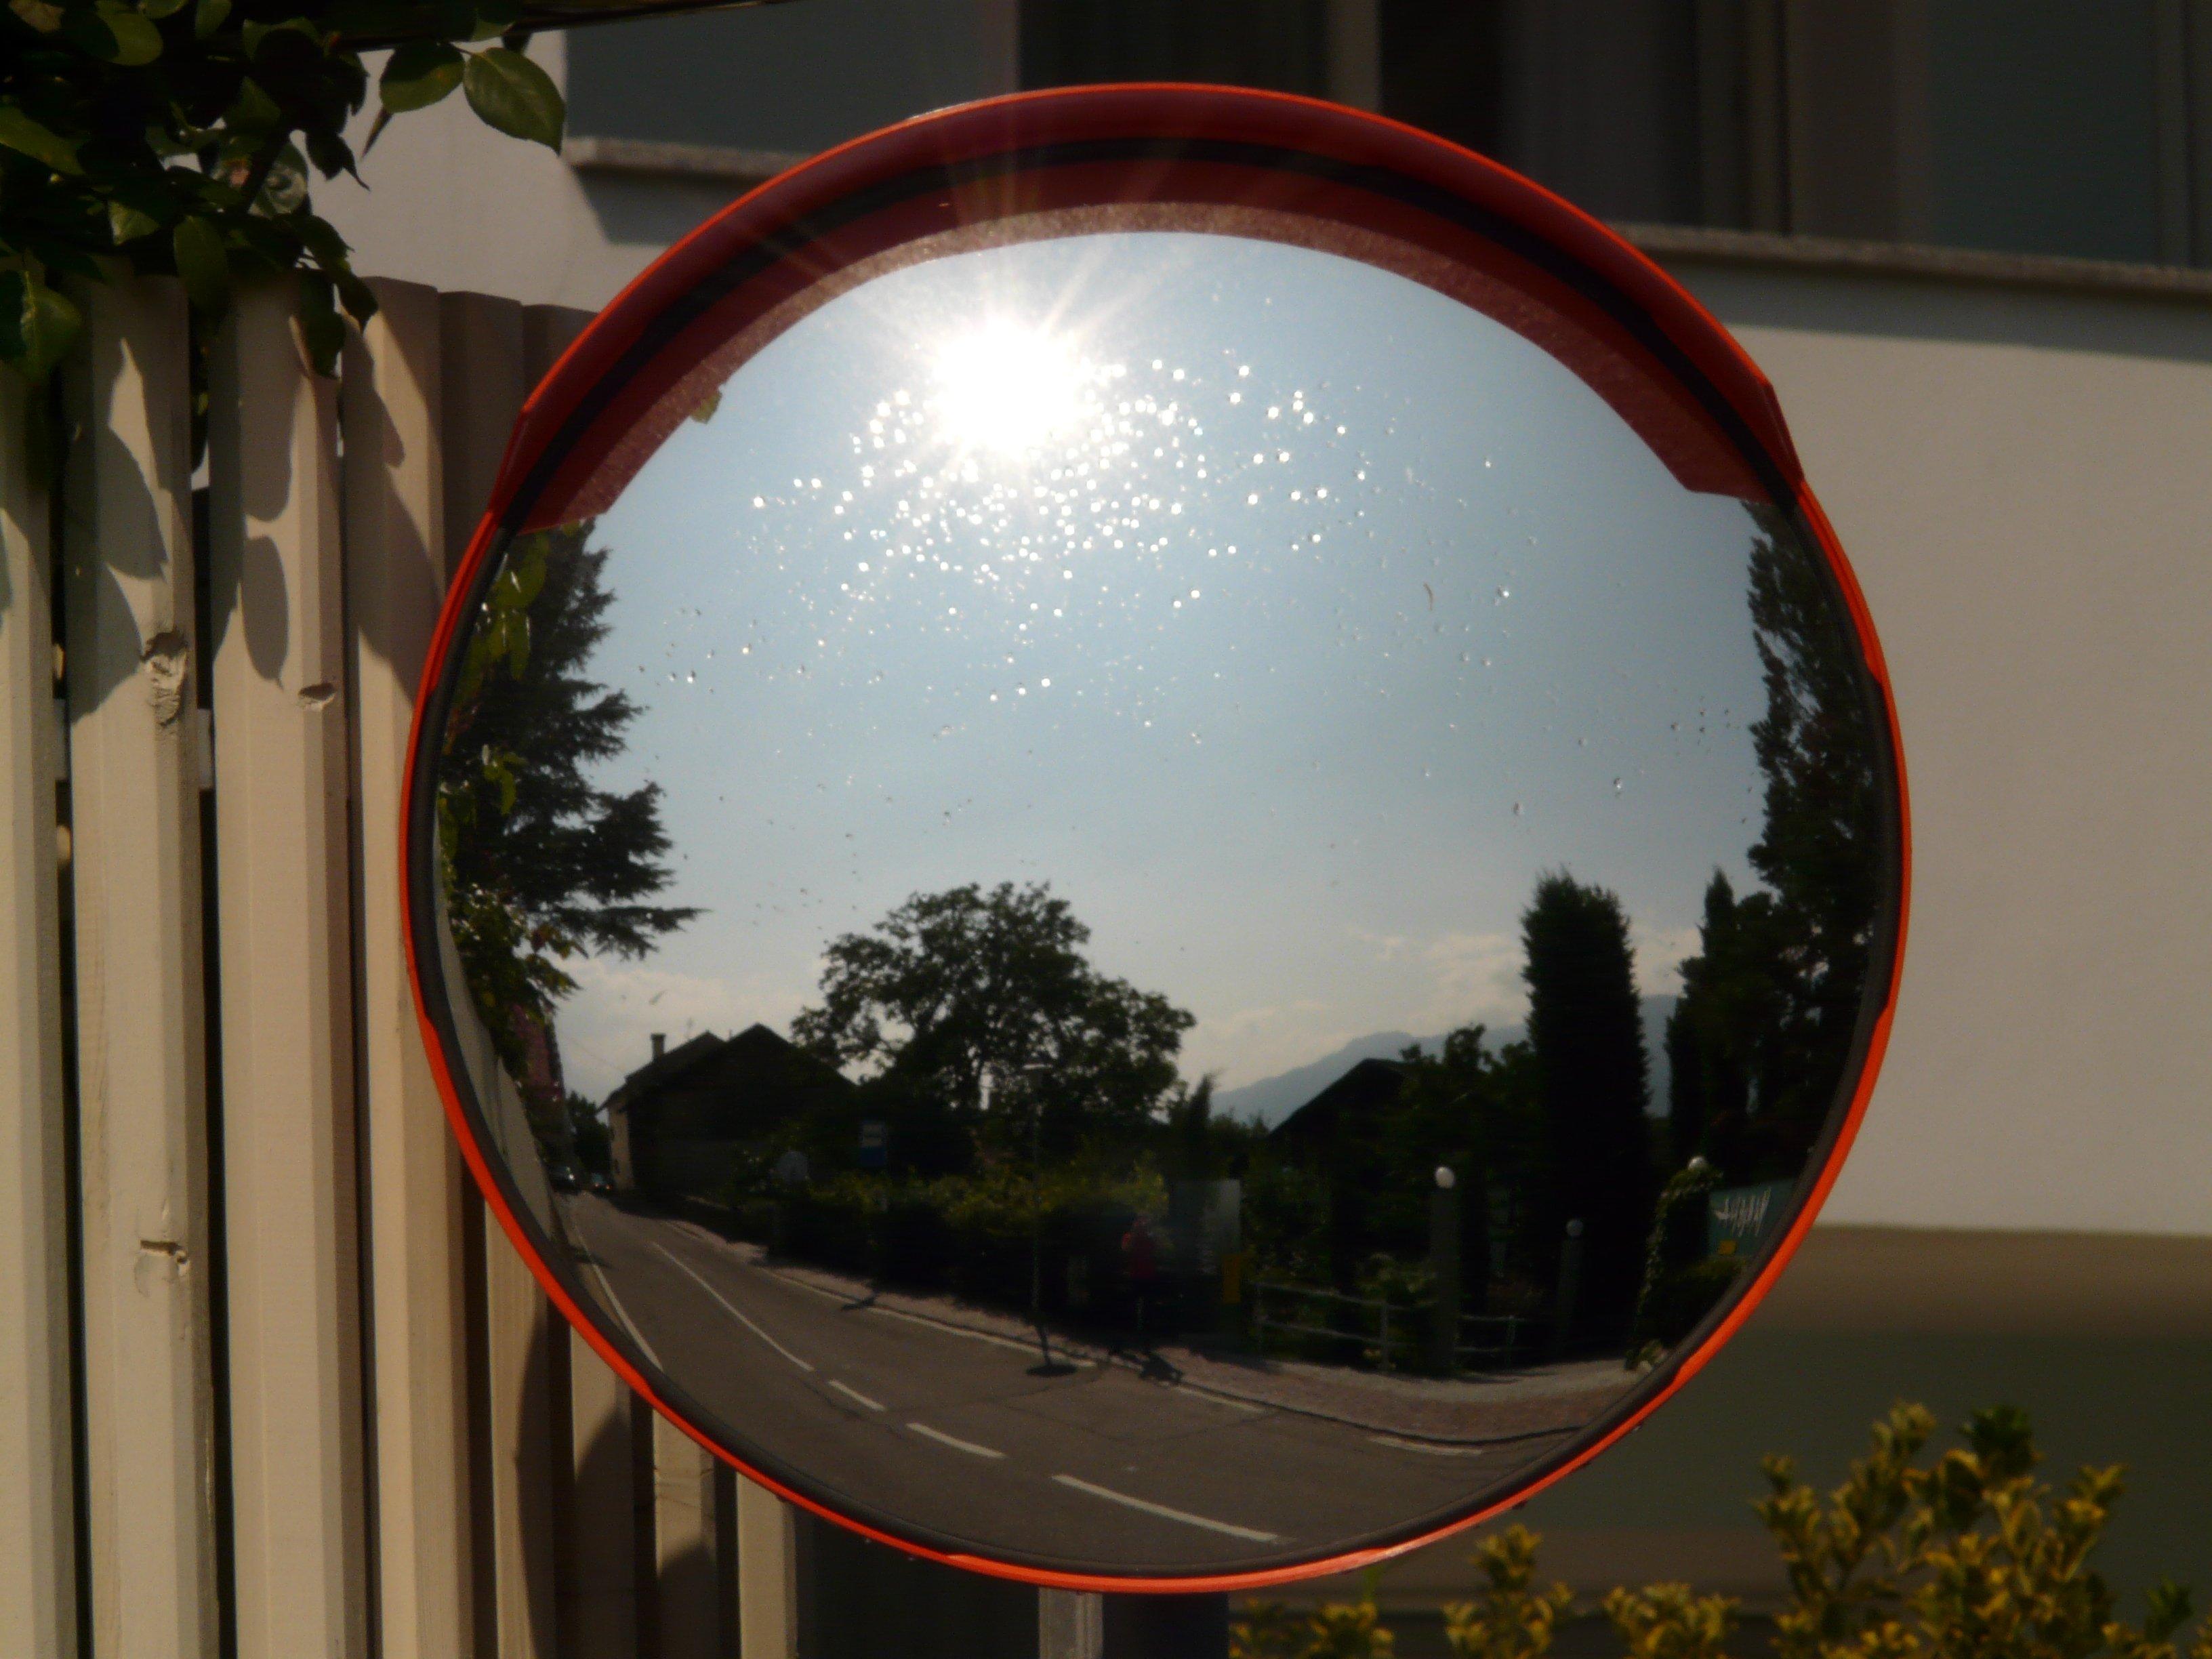 Что за обряд в зеркалах фотография пеноплекса имеют